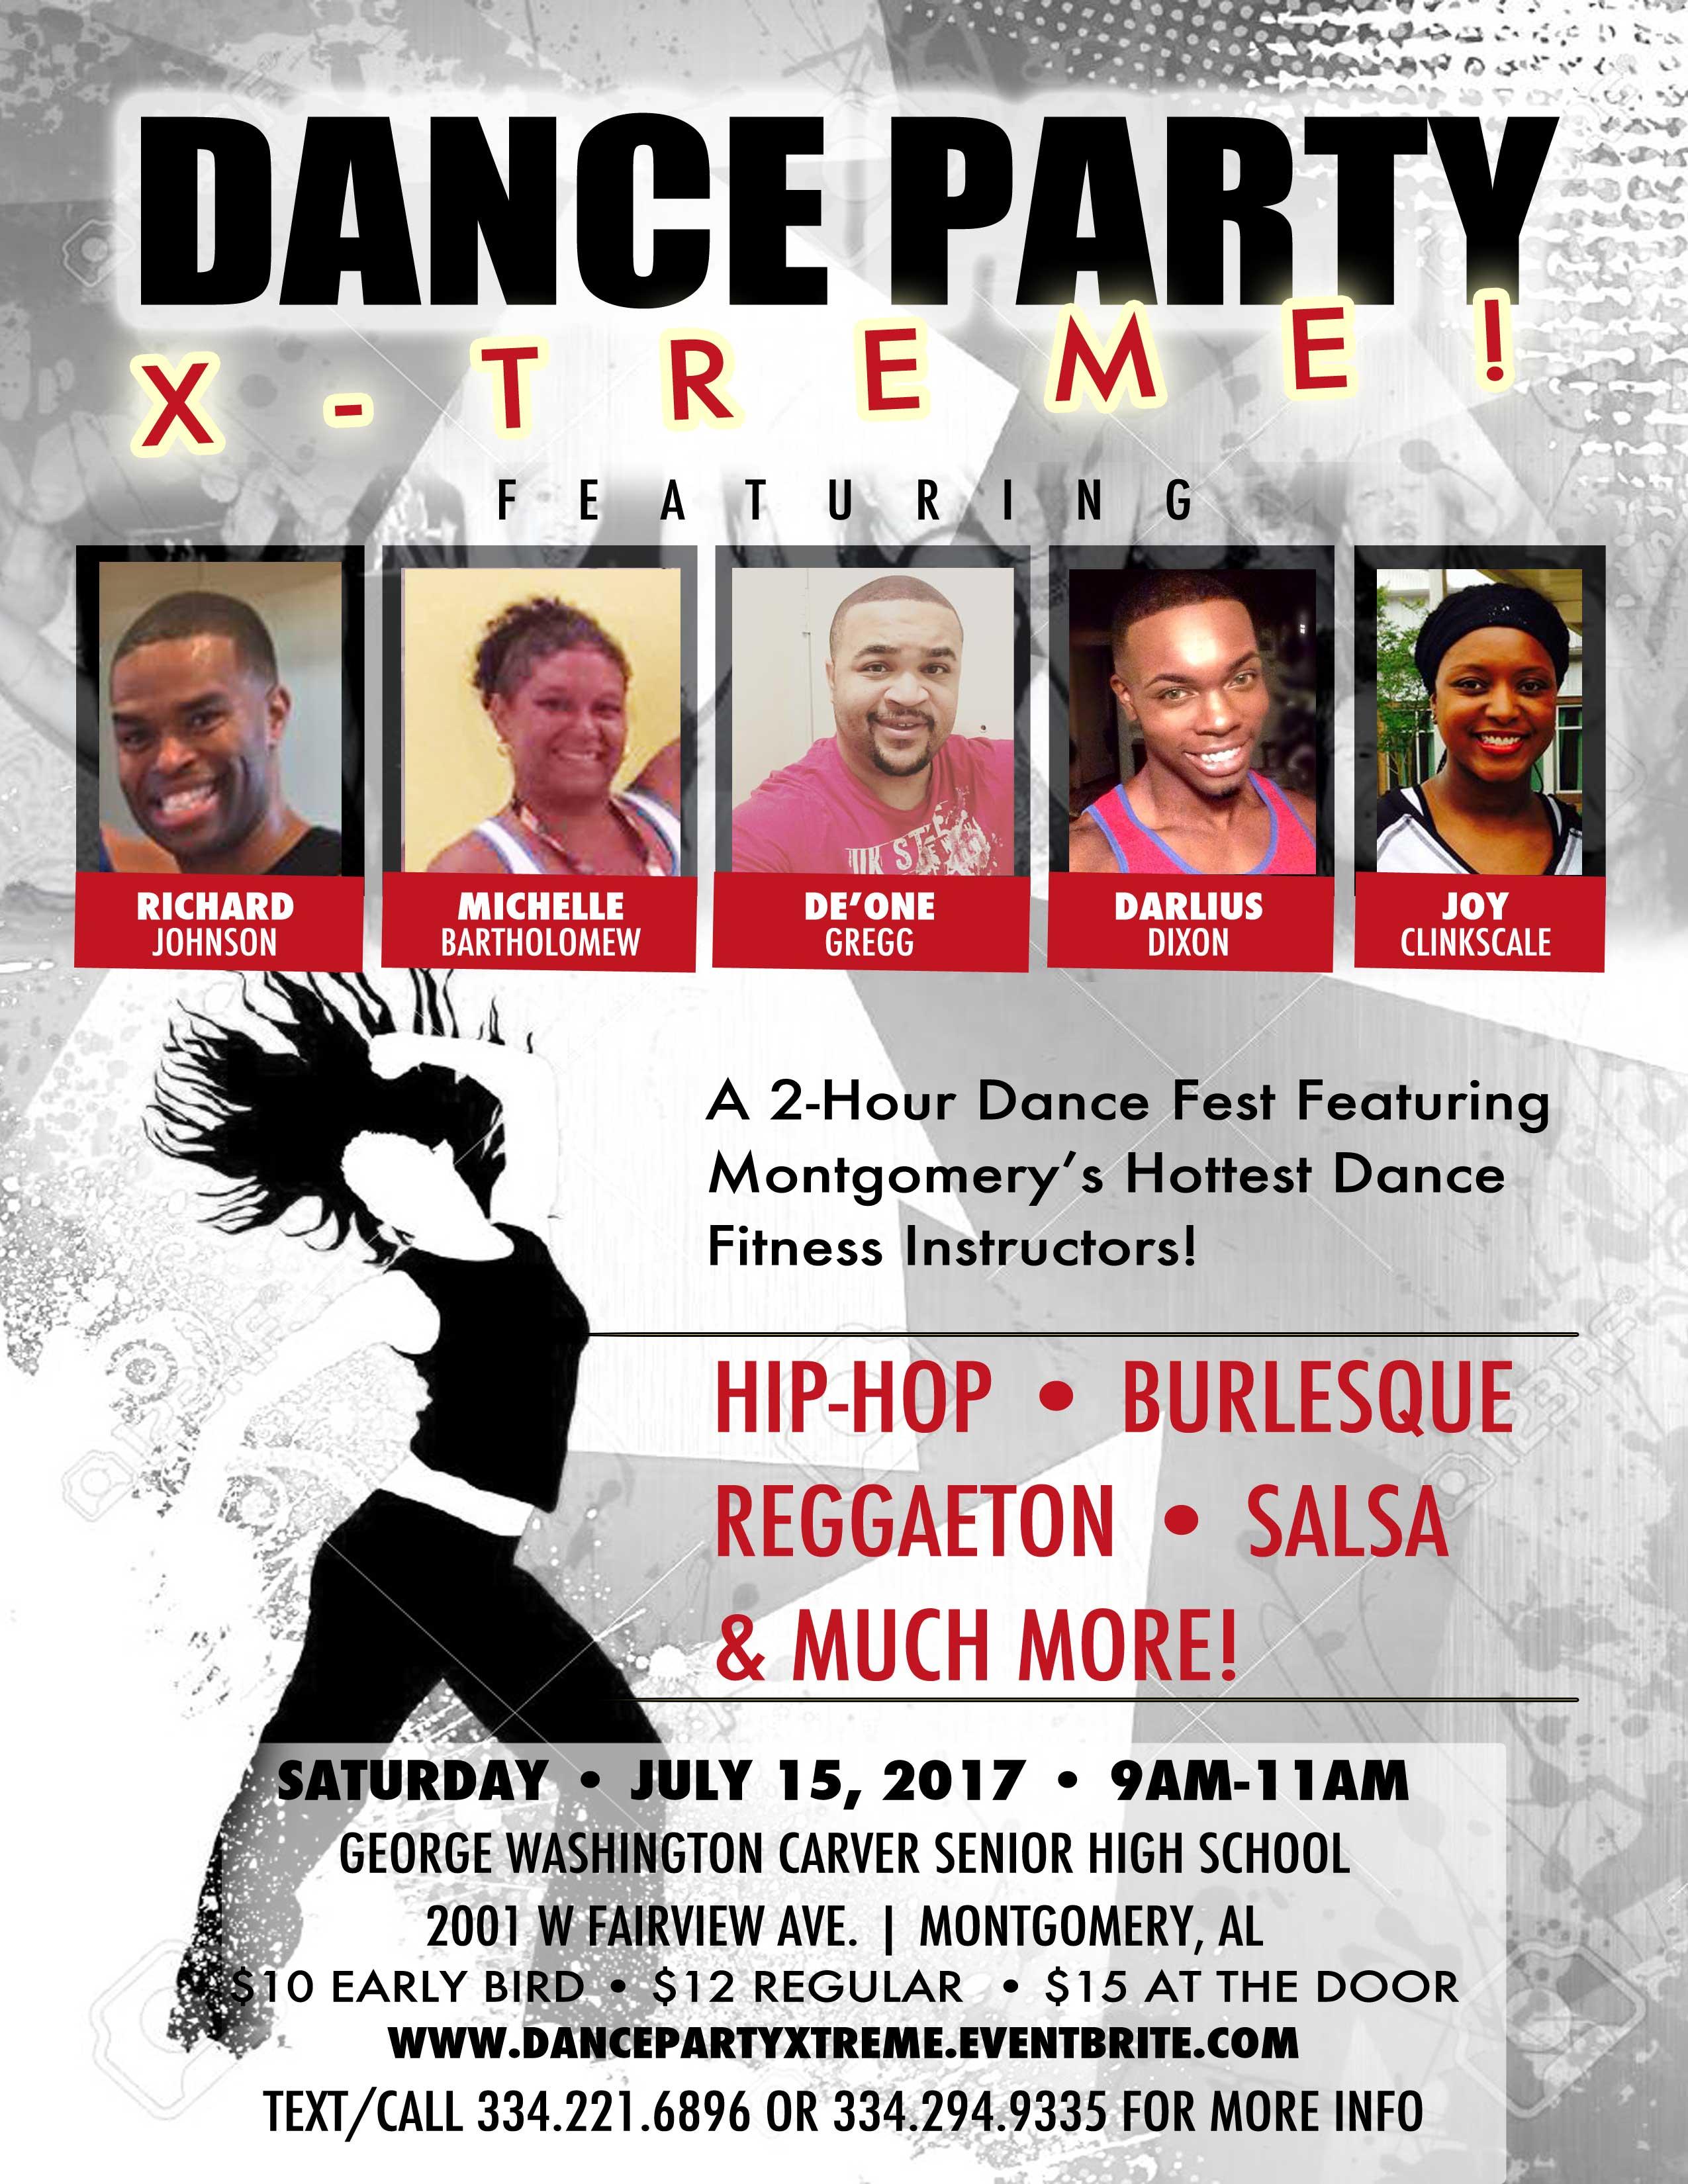 Dance Party X-Treme Flyer